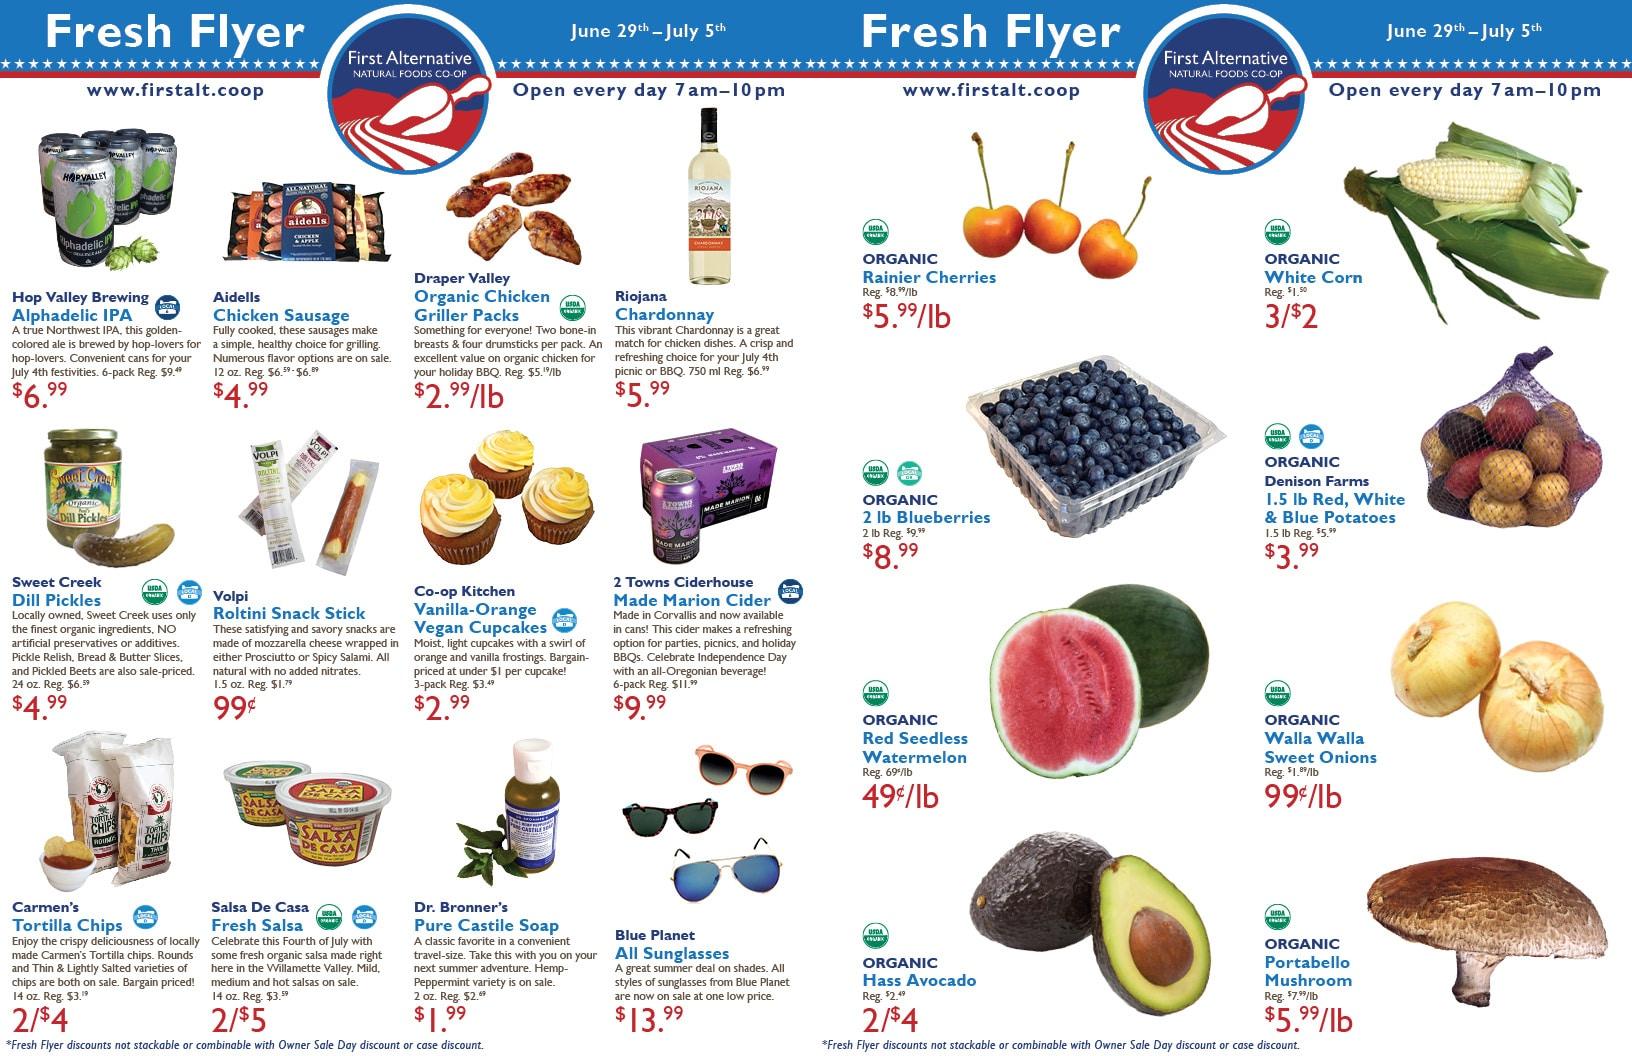 First Alternative Co-op Fresh Flyer June 29-July 5